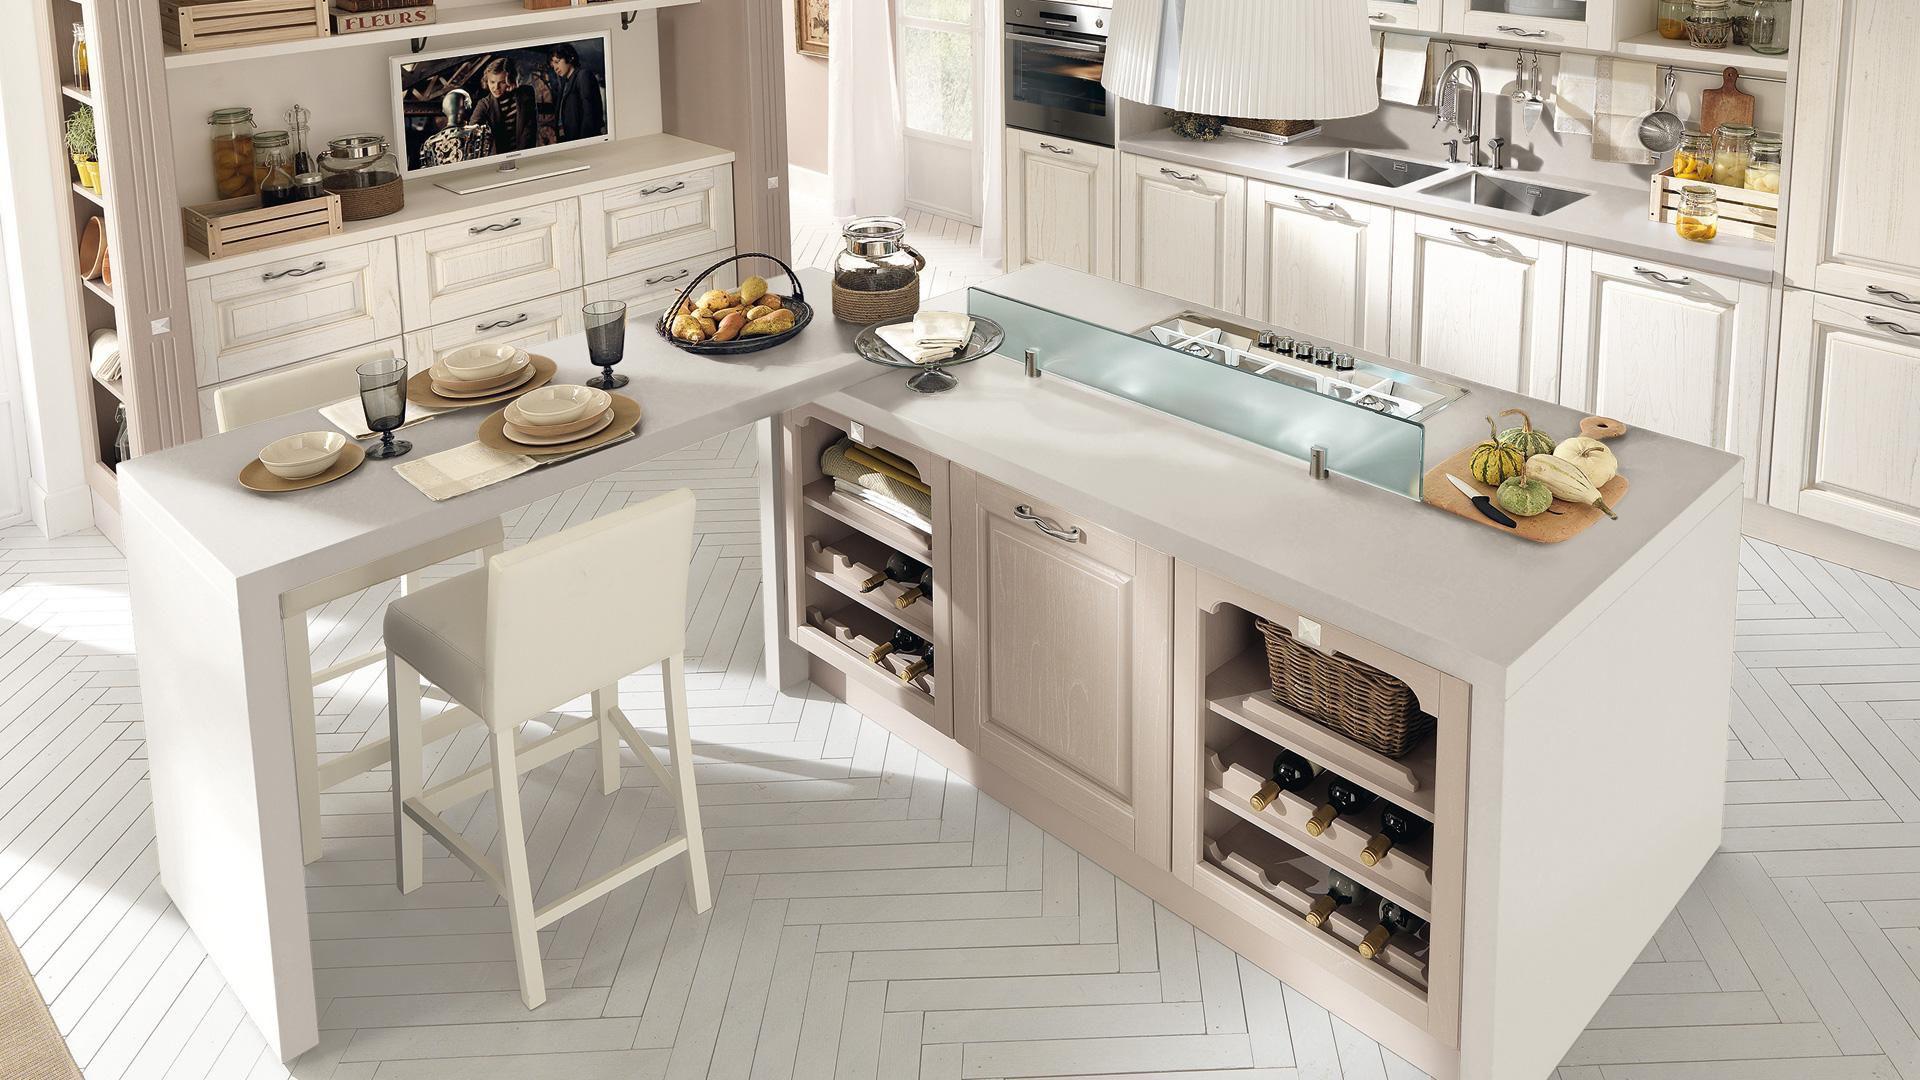 Cucina classica / in legno / con isola - LAURA - CUCINE LUBE - Video